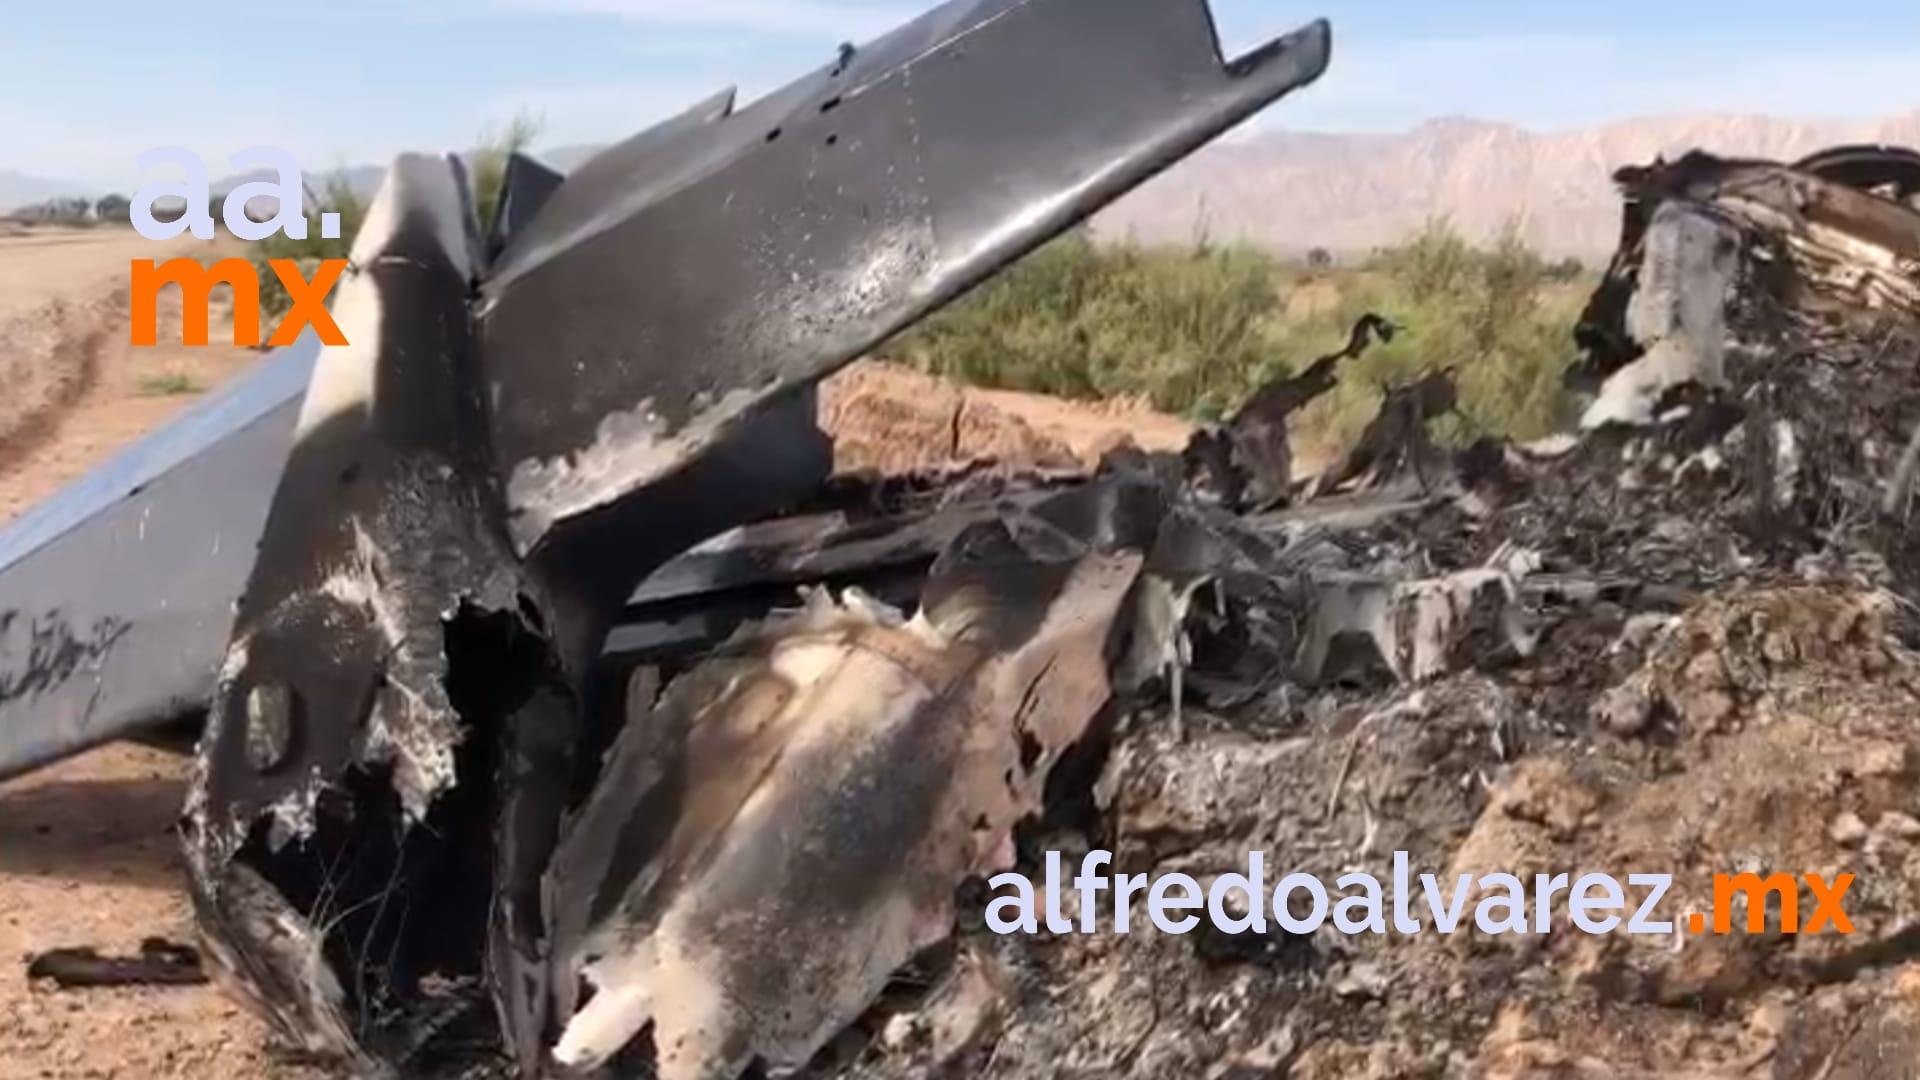 Cae-avioneta-deja-dos-muertos-en-Mexicali